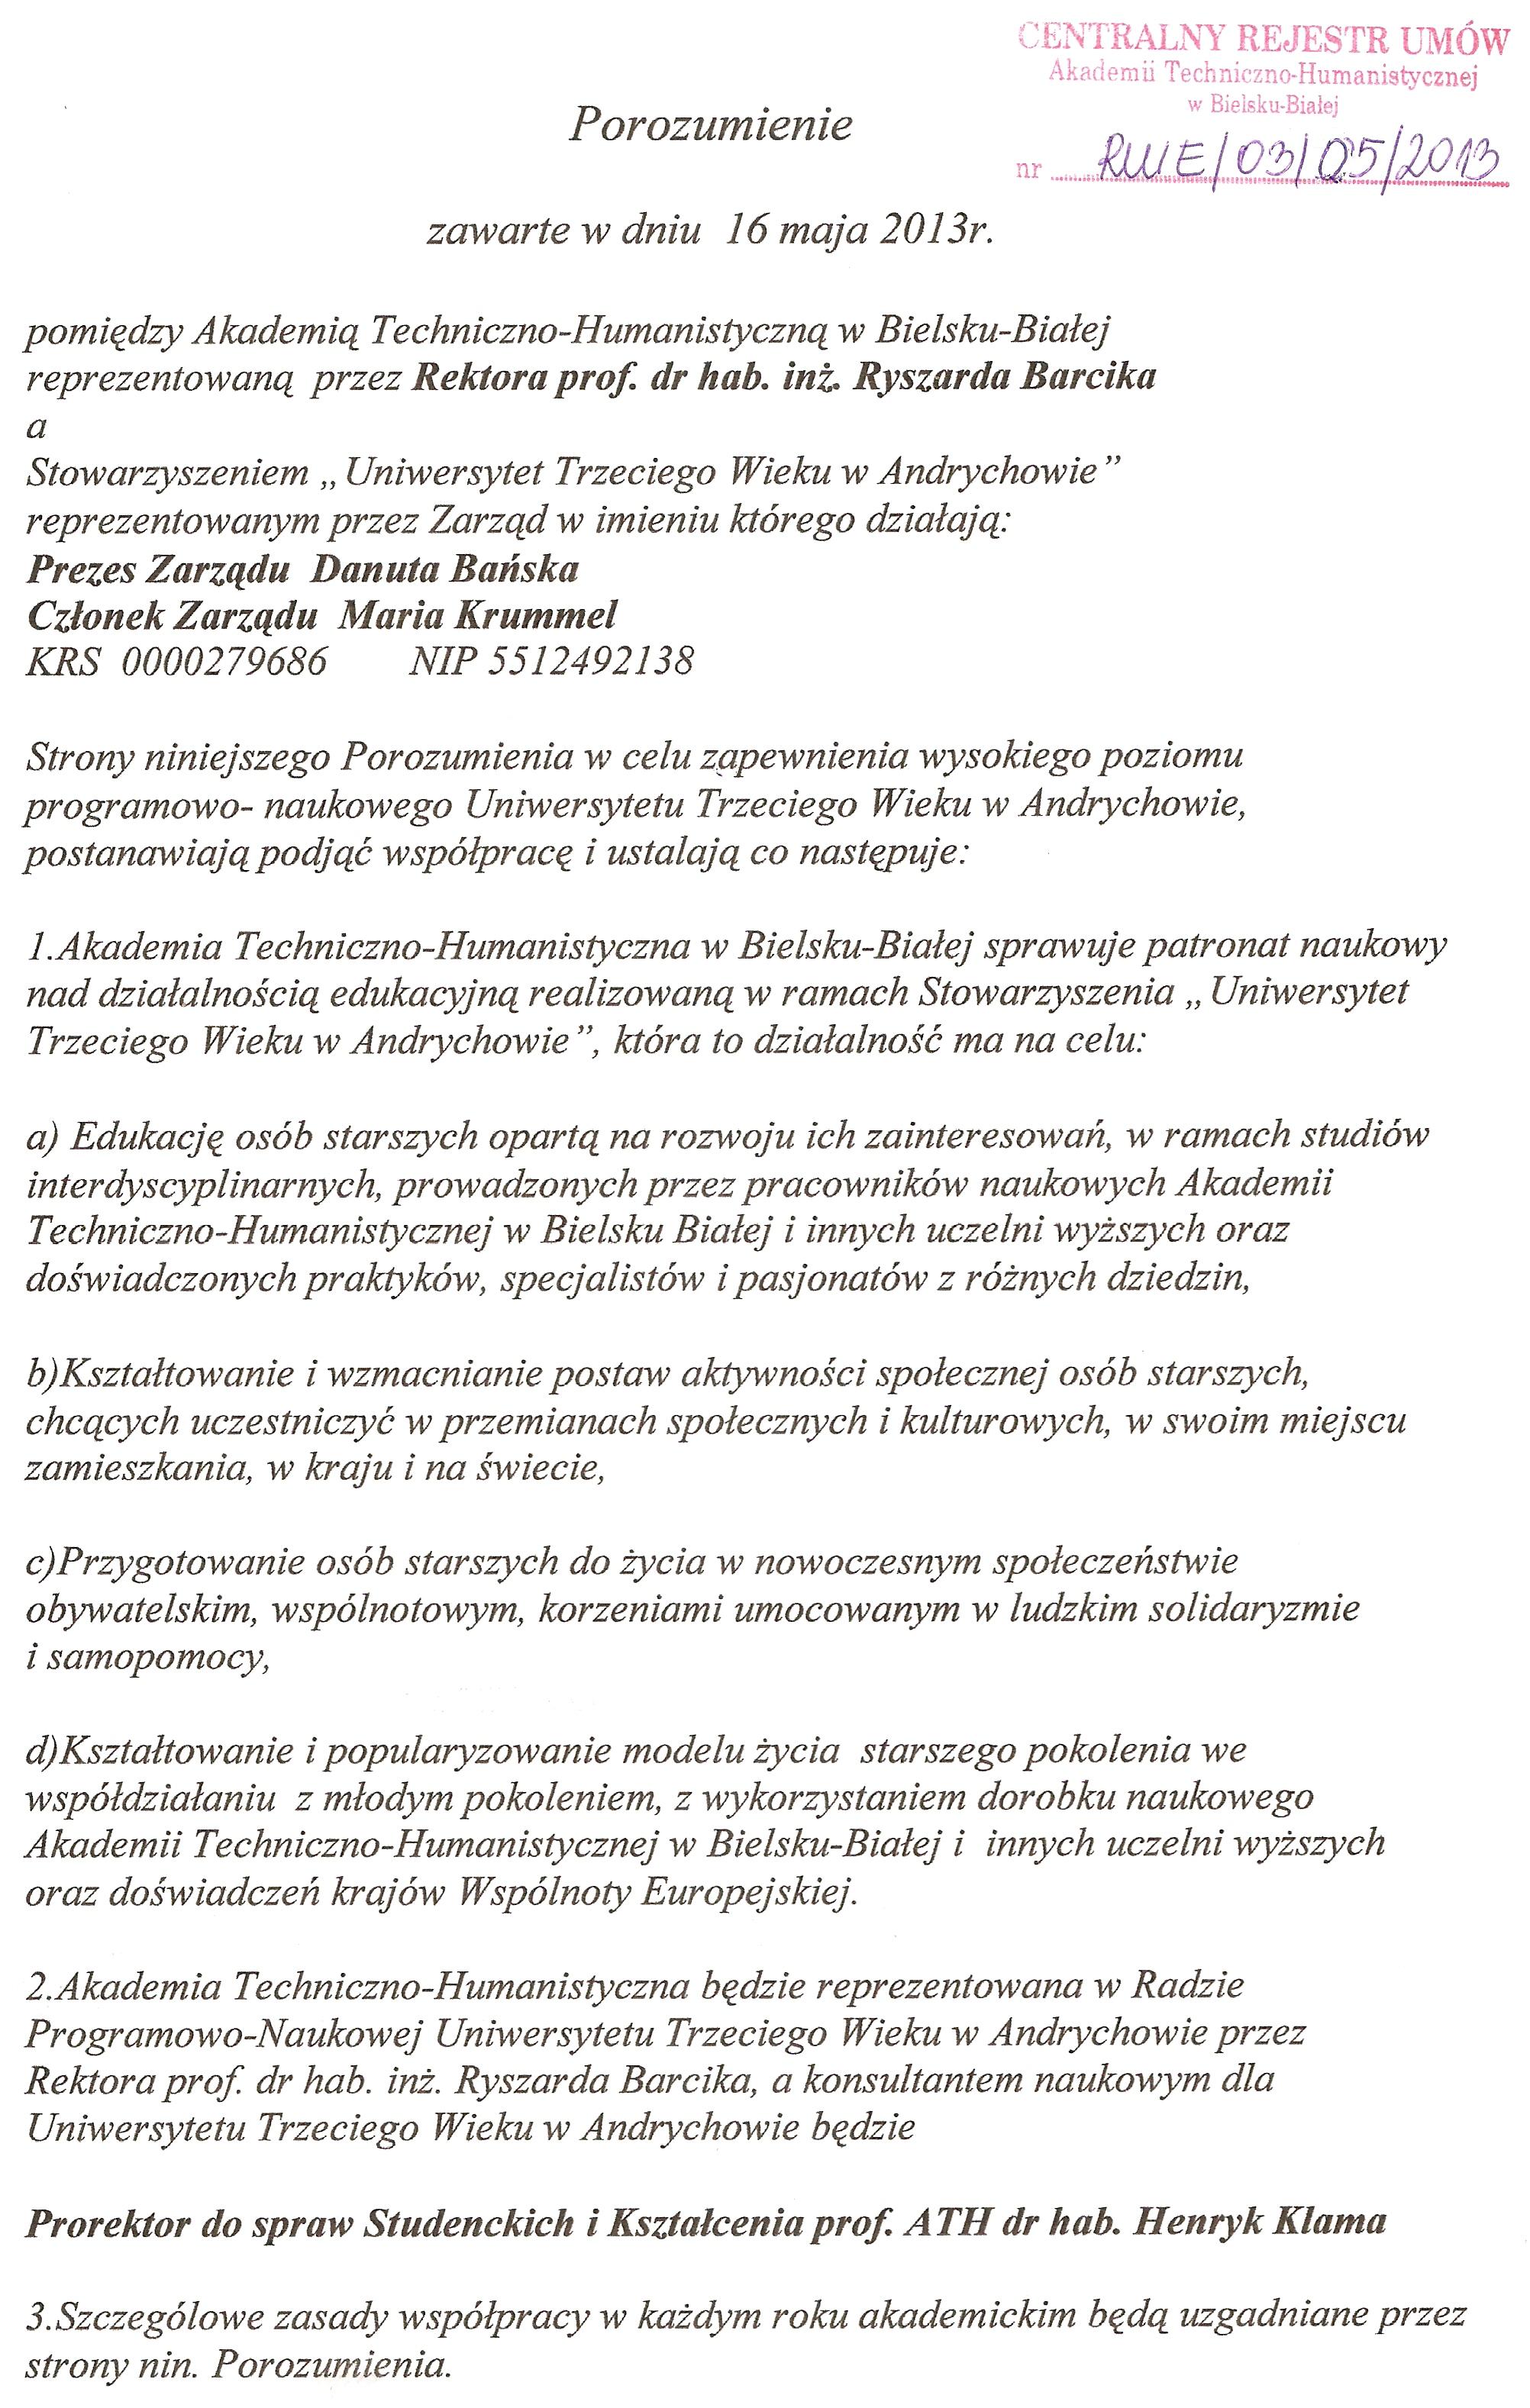 porozumienie-z-ath-bielsko-biala-str-10001